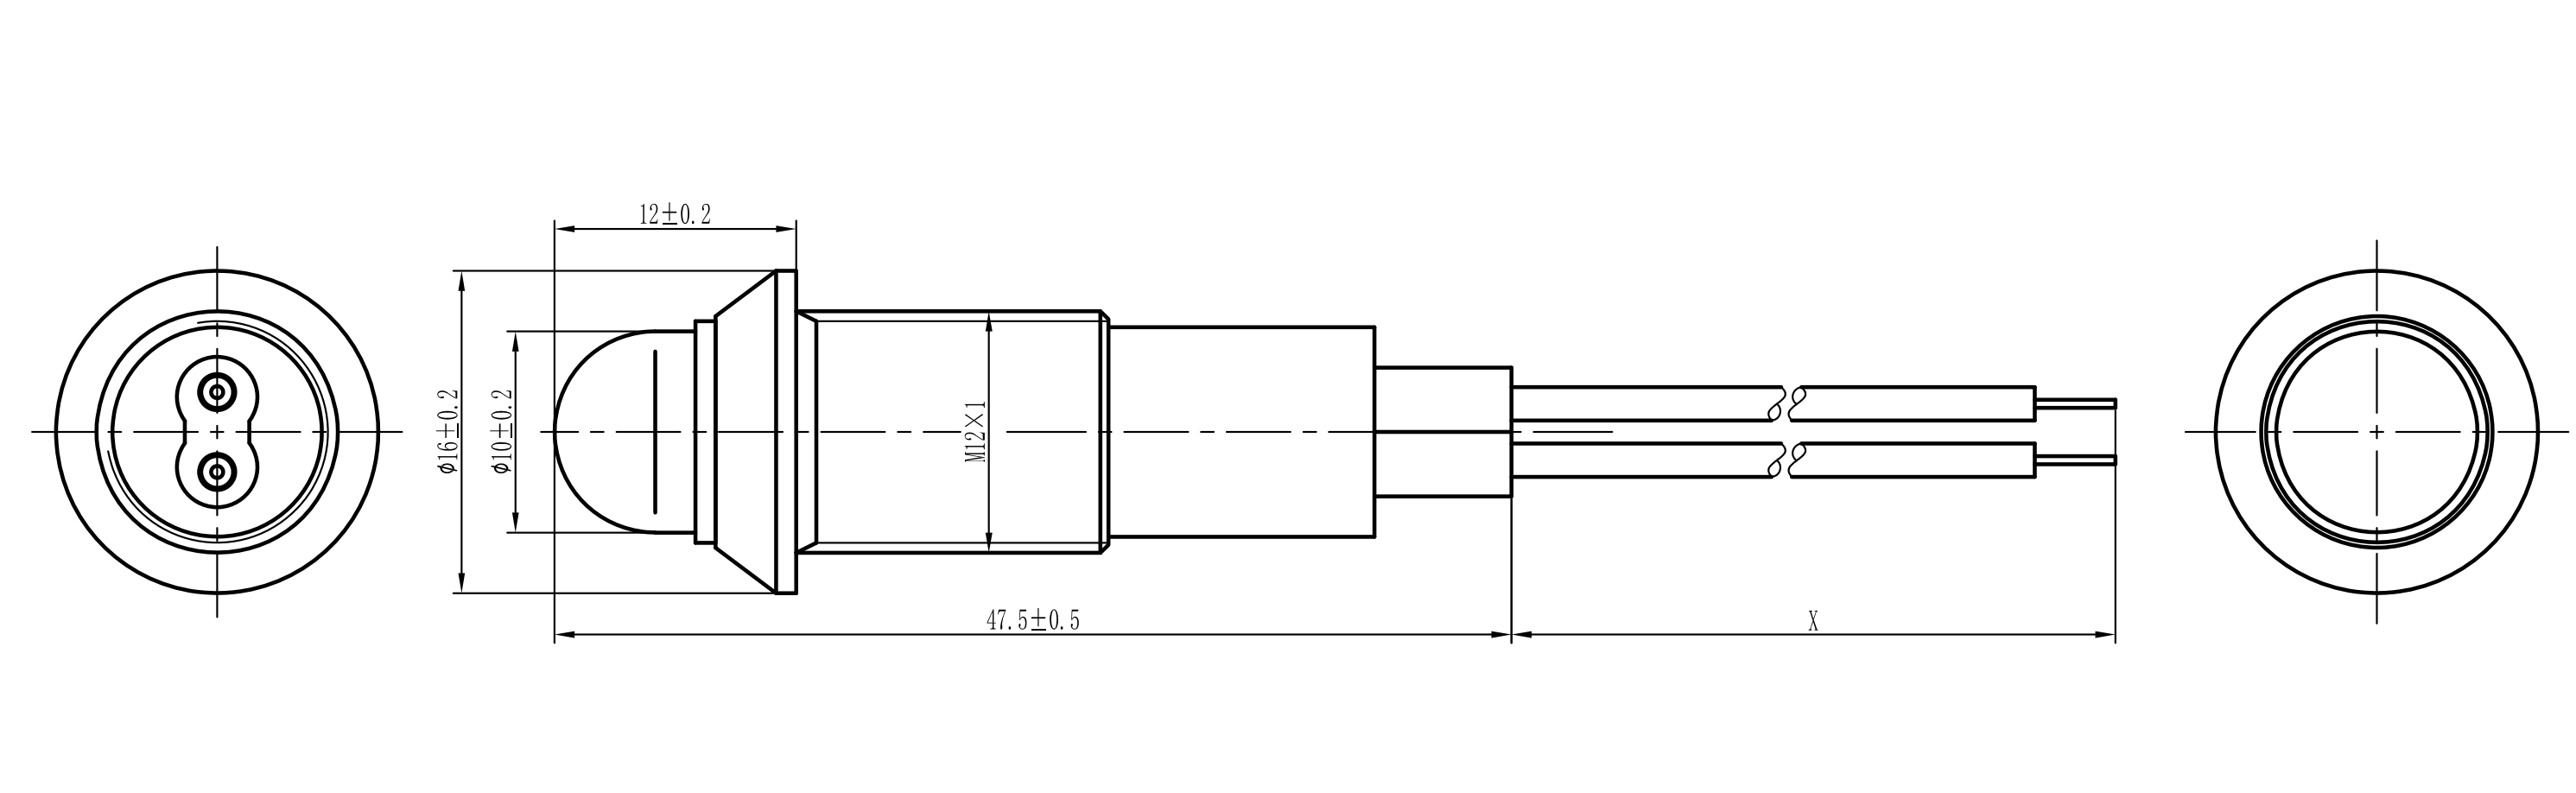 FL1M-12BW-1